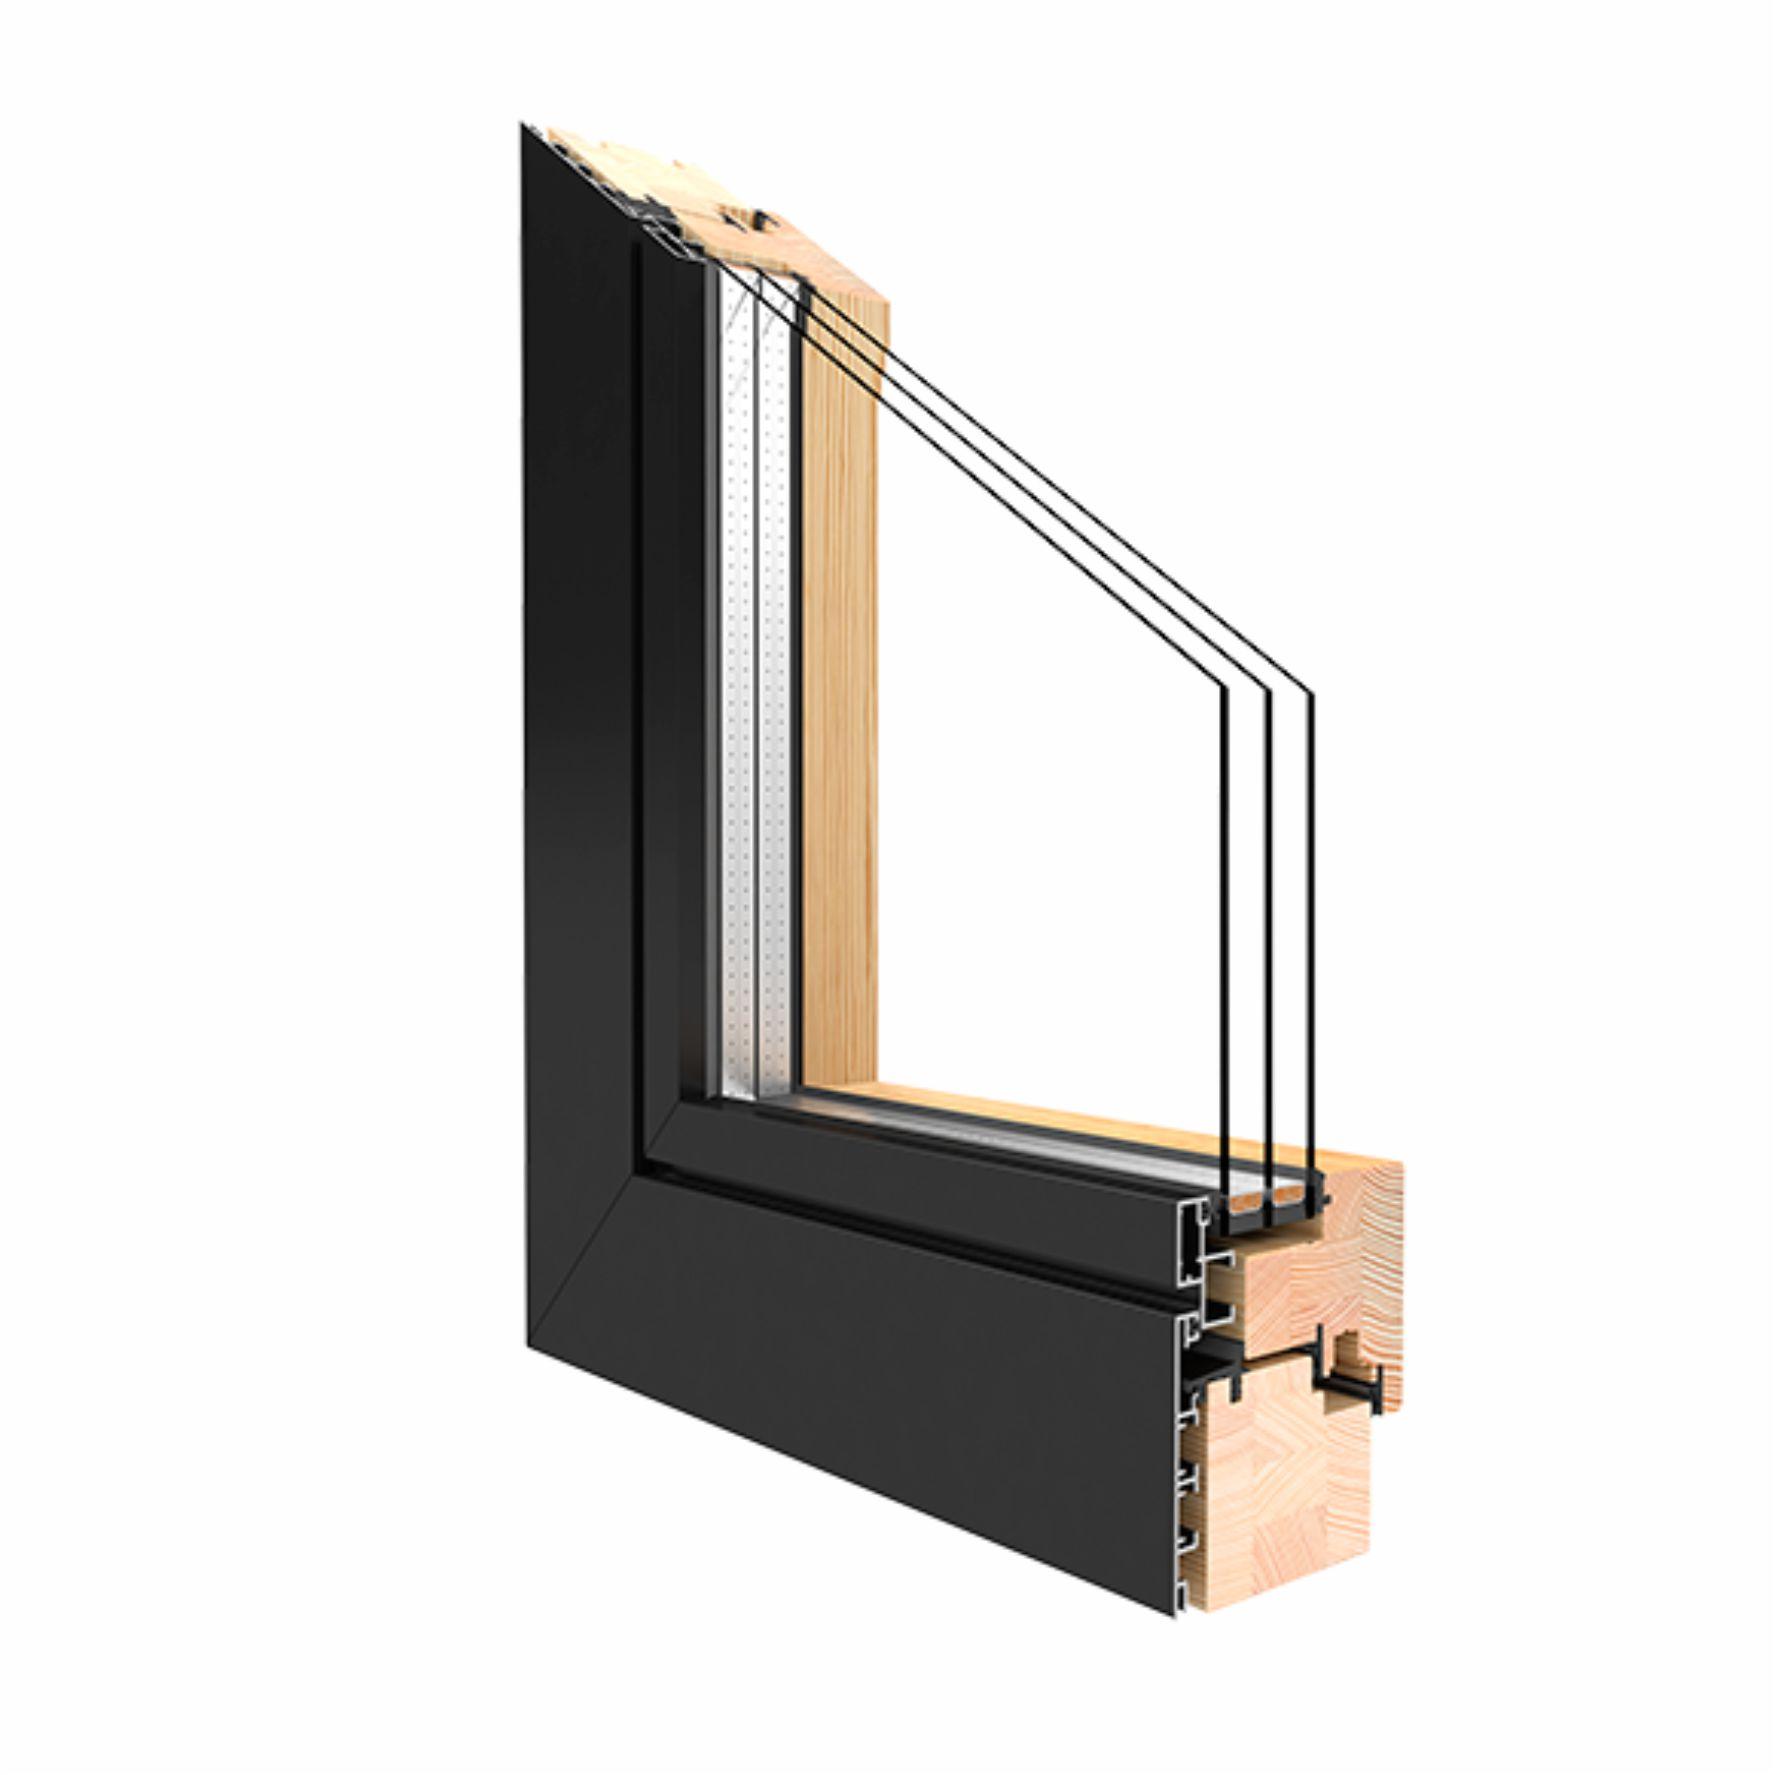 Full Size of Aluminium Fenster Holz Alu Druteduoline 88 Kiefer Alle Gren Sichtschutzfolie Einseitig Durchsichtig Flachdach Folie Für Internorm Preise Veka Pvc Sonnenschutz Fenster Aluminium Fenster